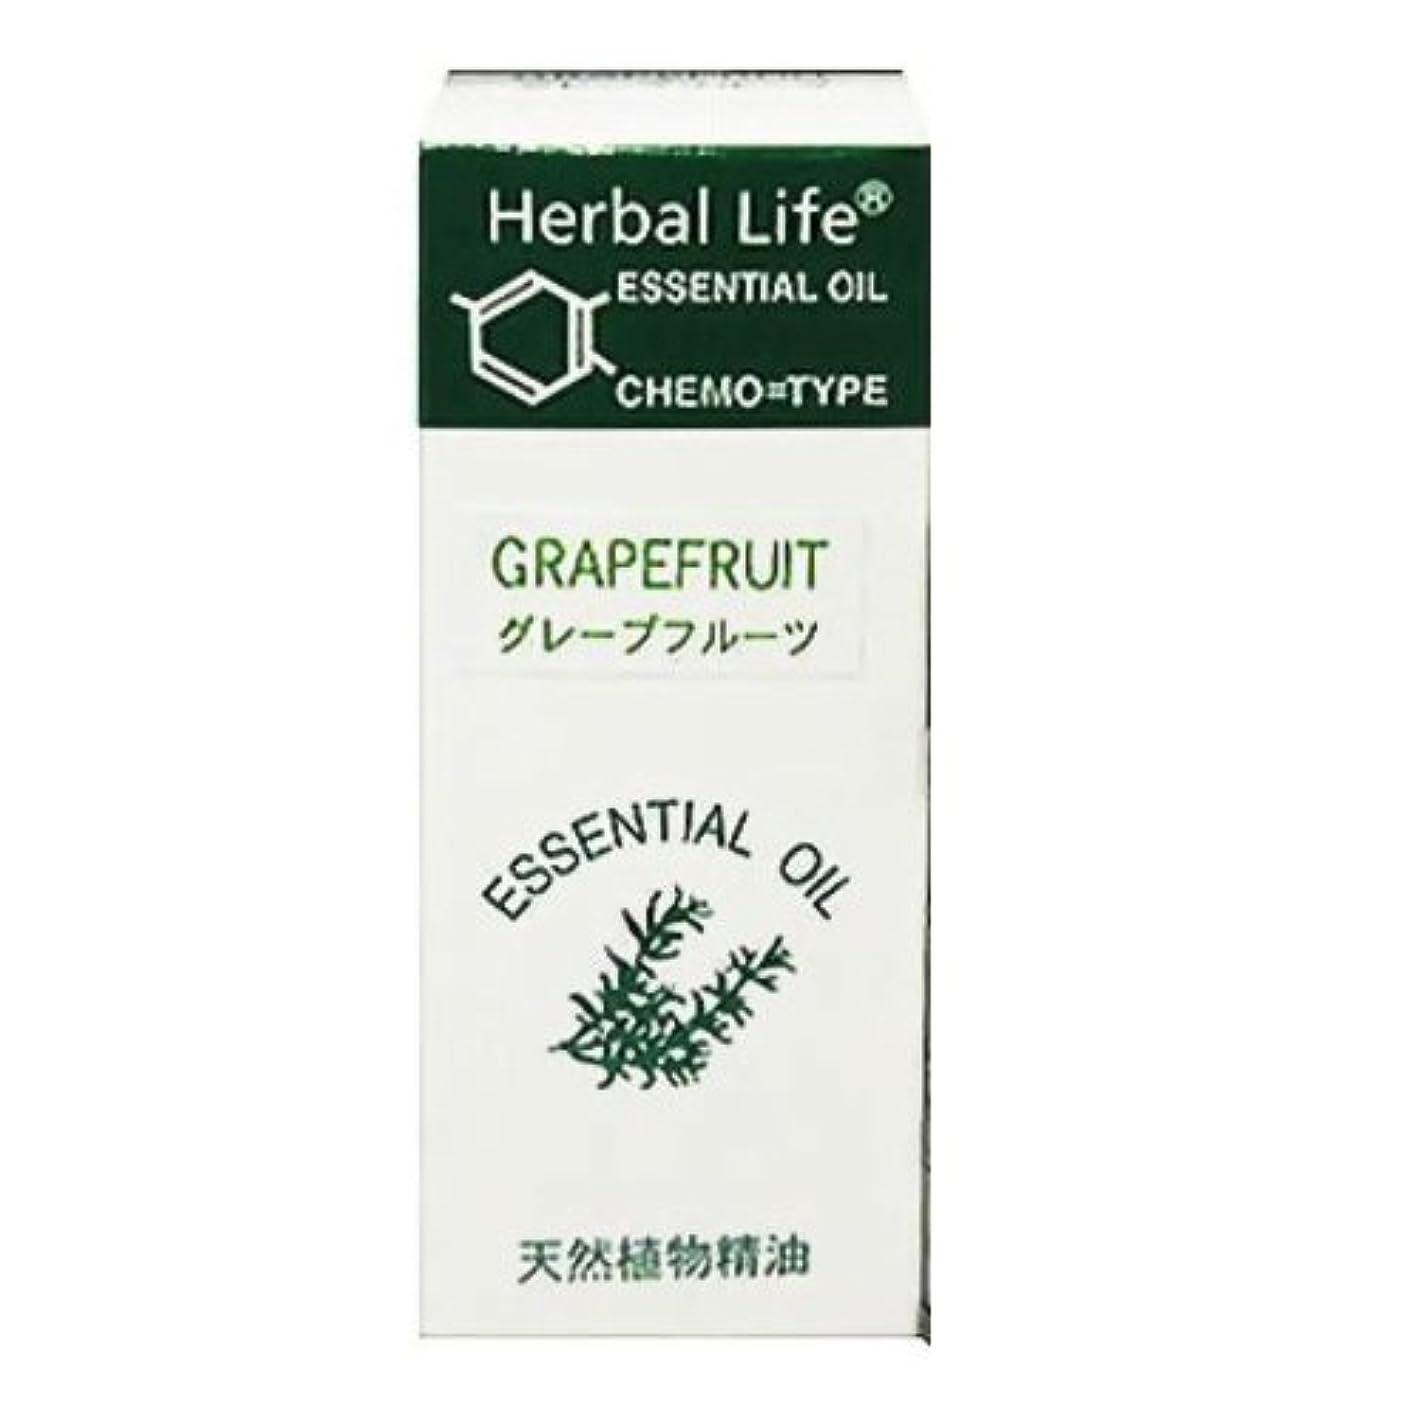 生活の木 エッセンシャルオイル グレープフルーツ 10ml